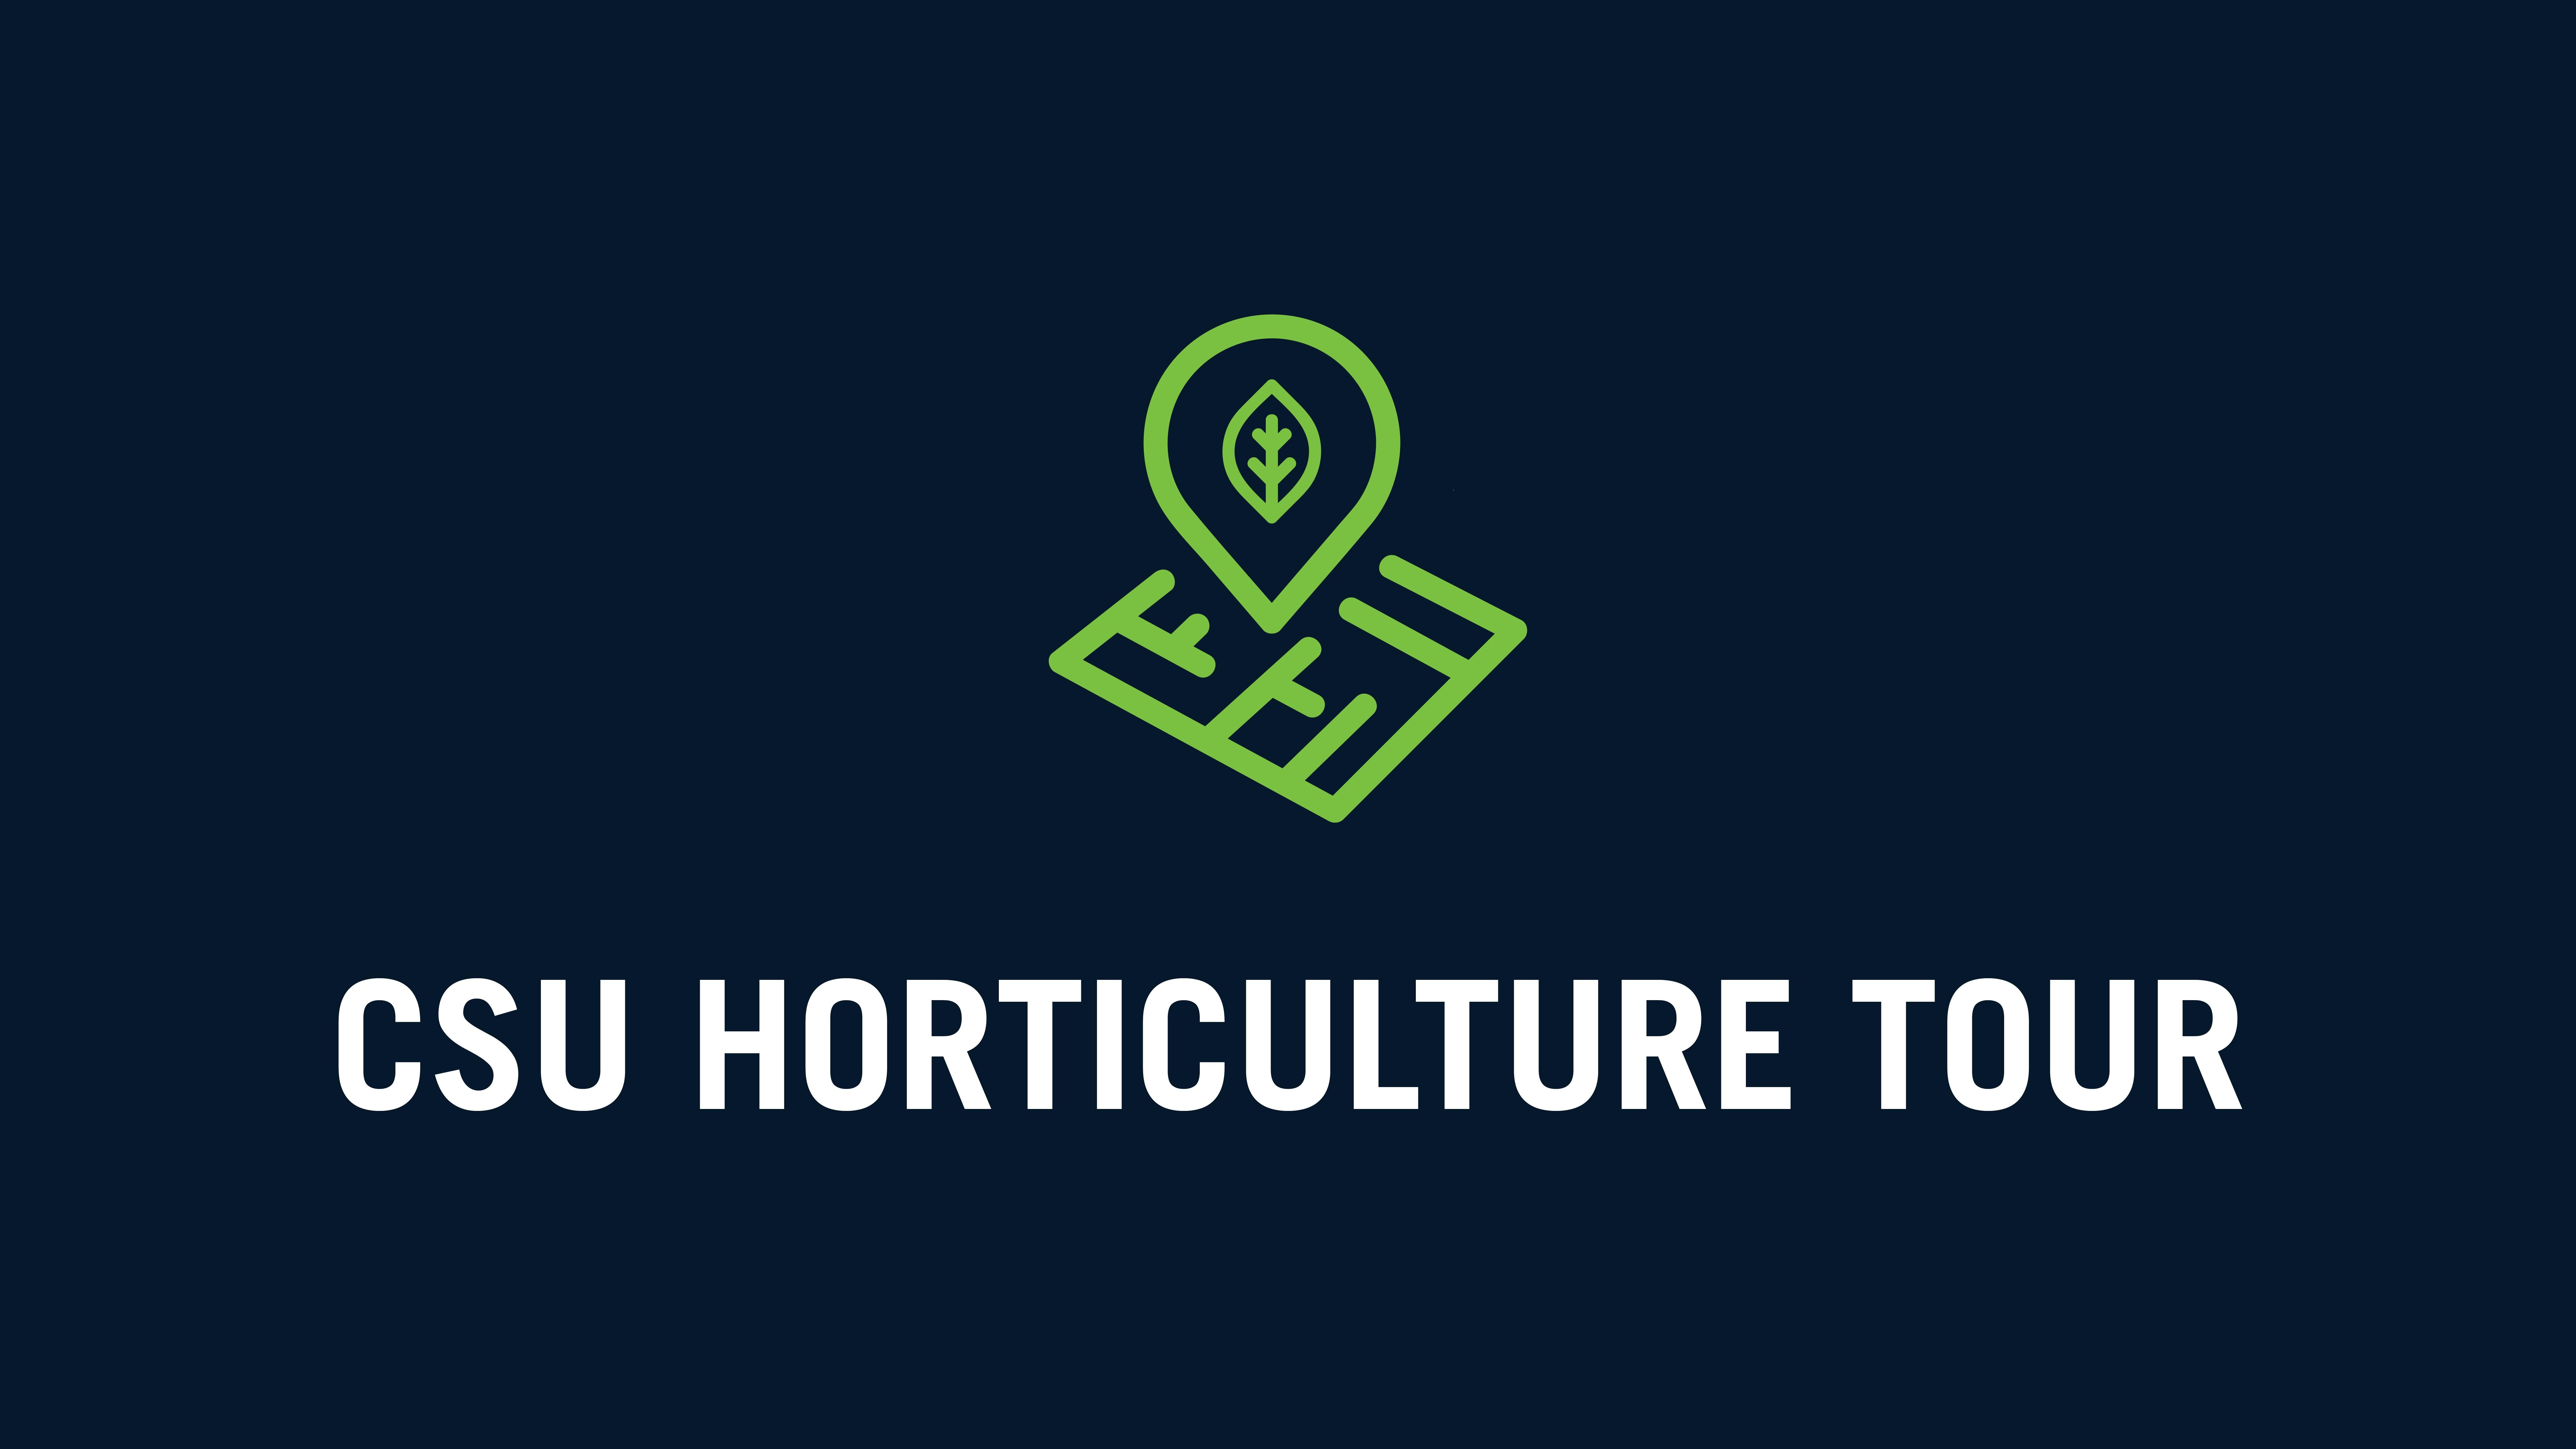 CSU Horticulture Tour